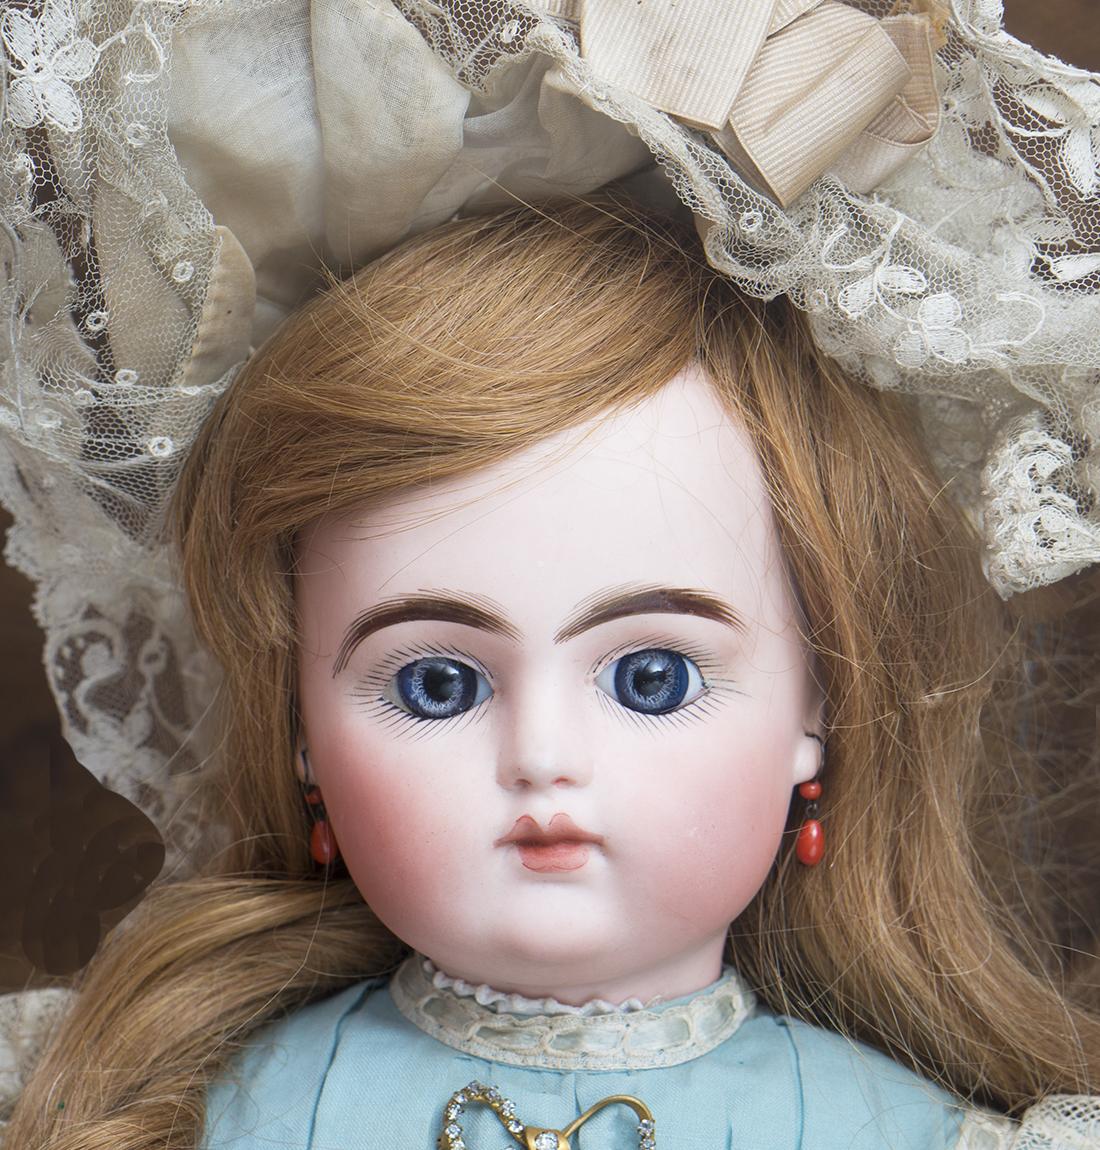 63см Кукла Pintel & Godchaux